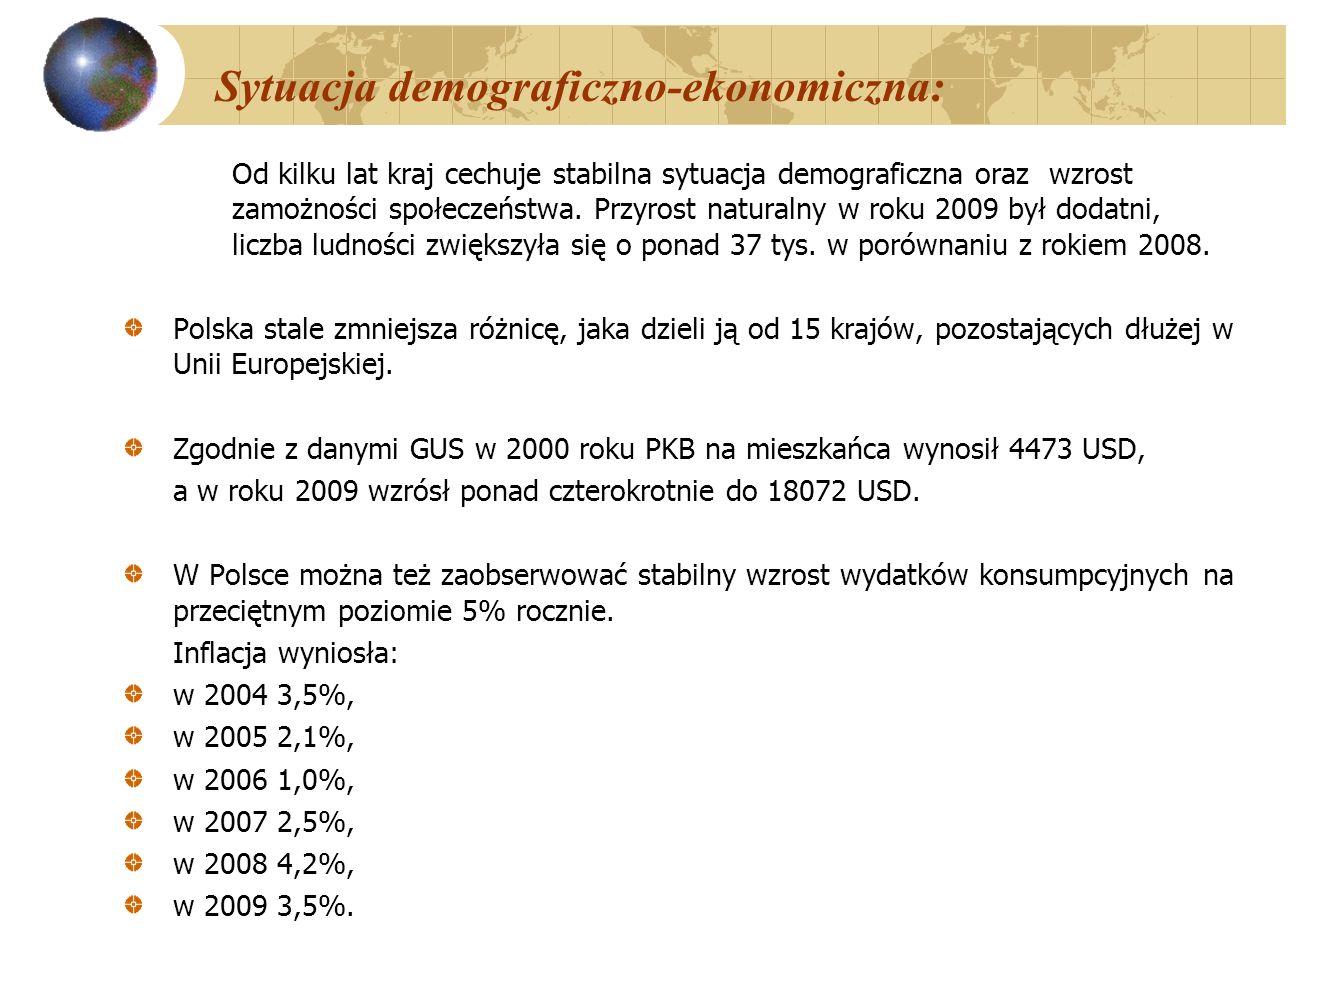 Sytuacja demograficzno-ekonomiczna: